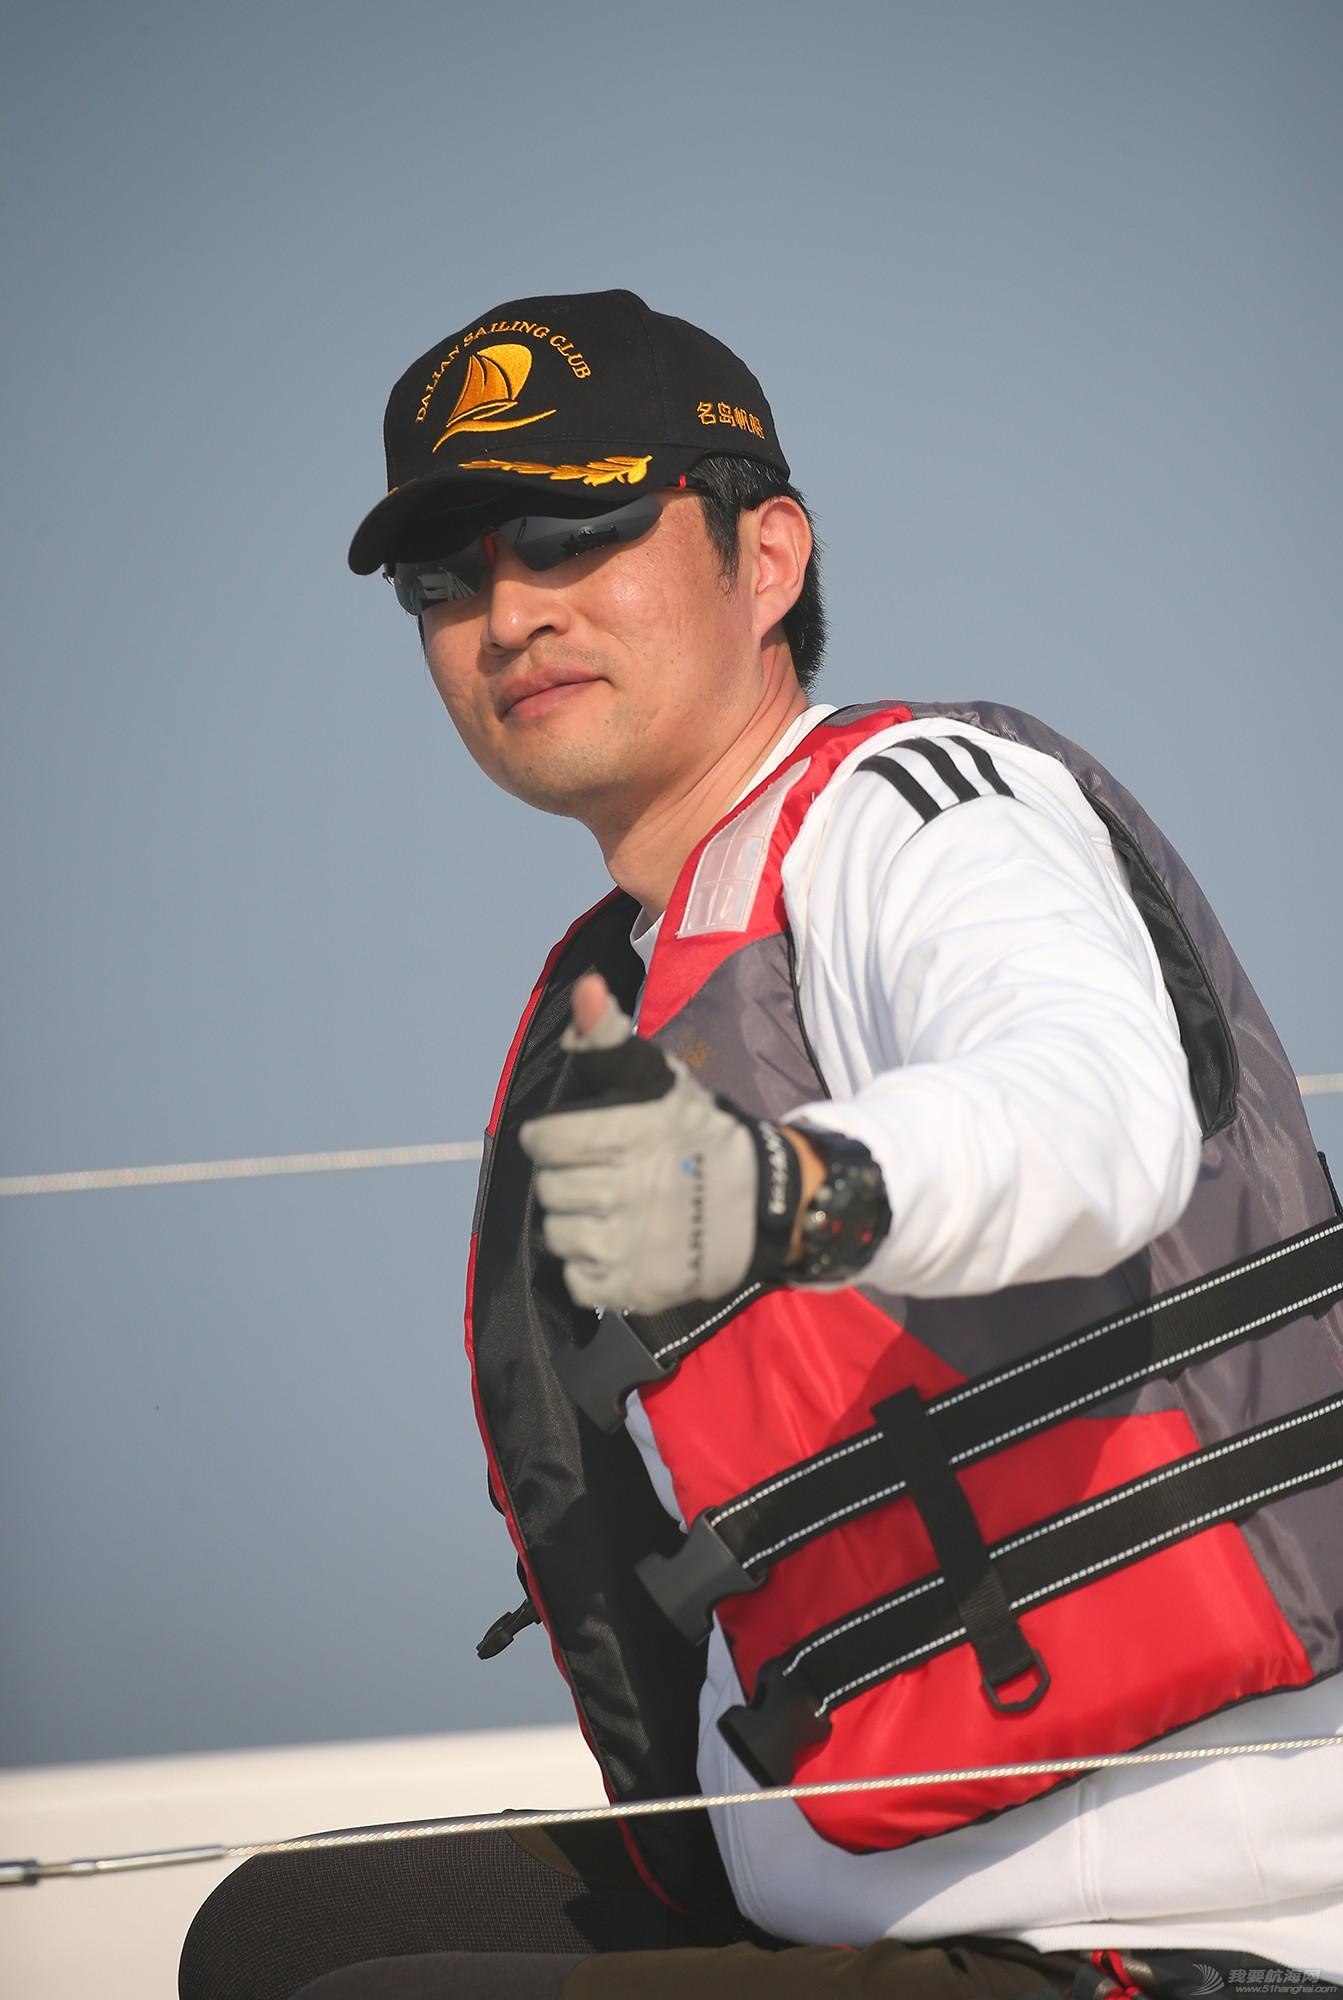 """拉力赛,帆船,太湖 2016""""菱湖湾杯""""环太湖帆船拉力赛参赛船队、船员风采 E78W1577.JPG"""